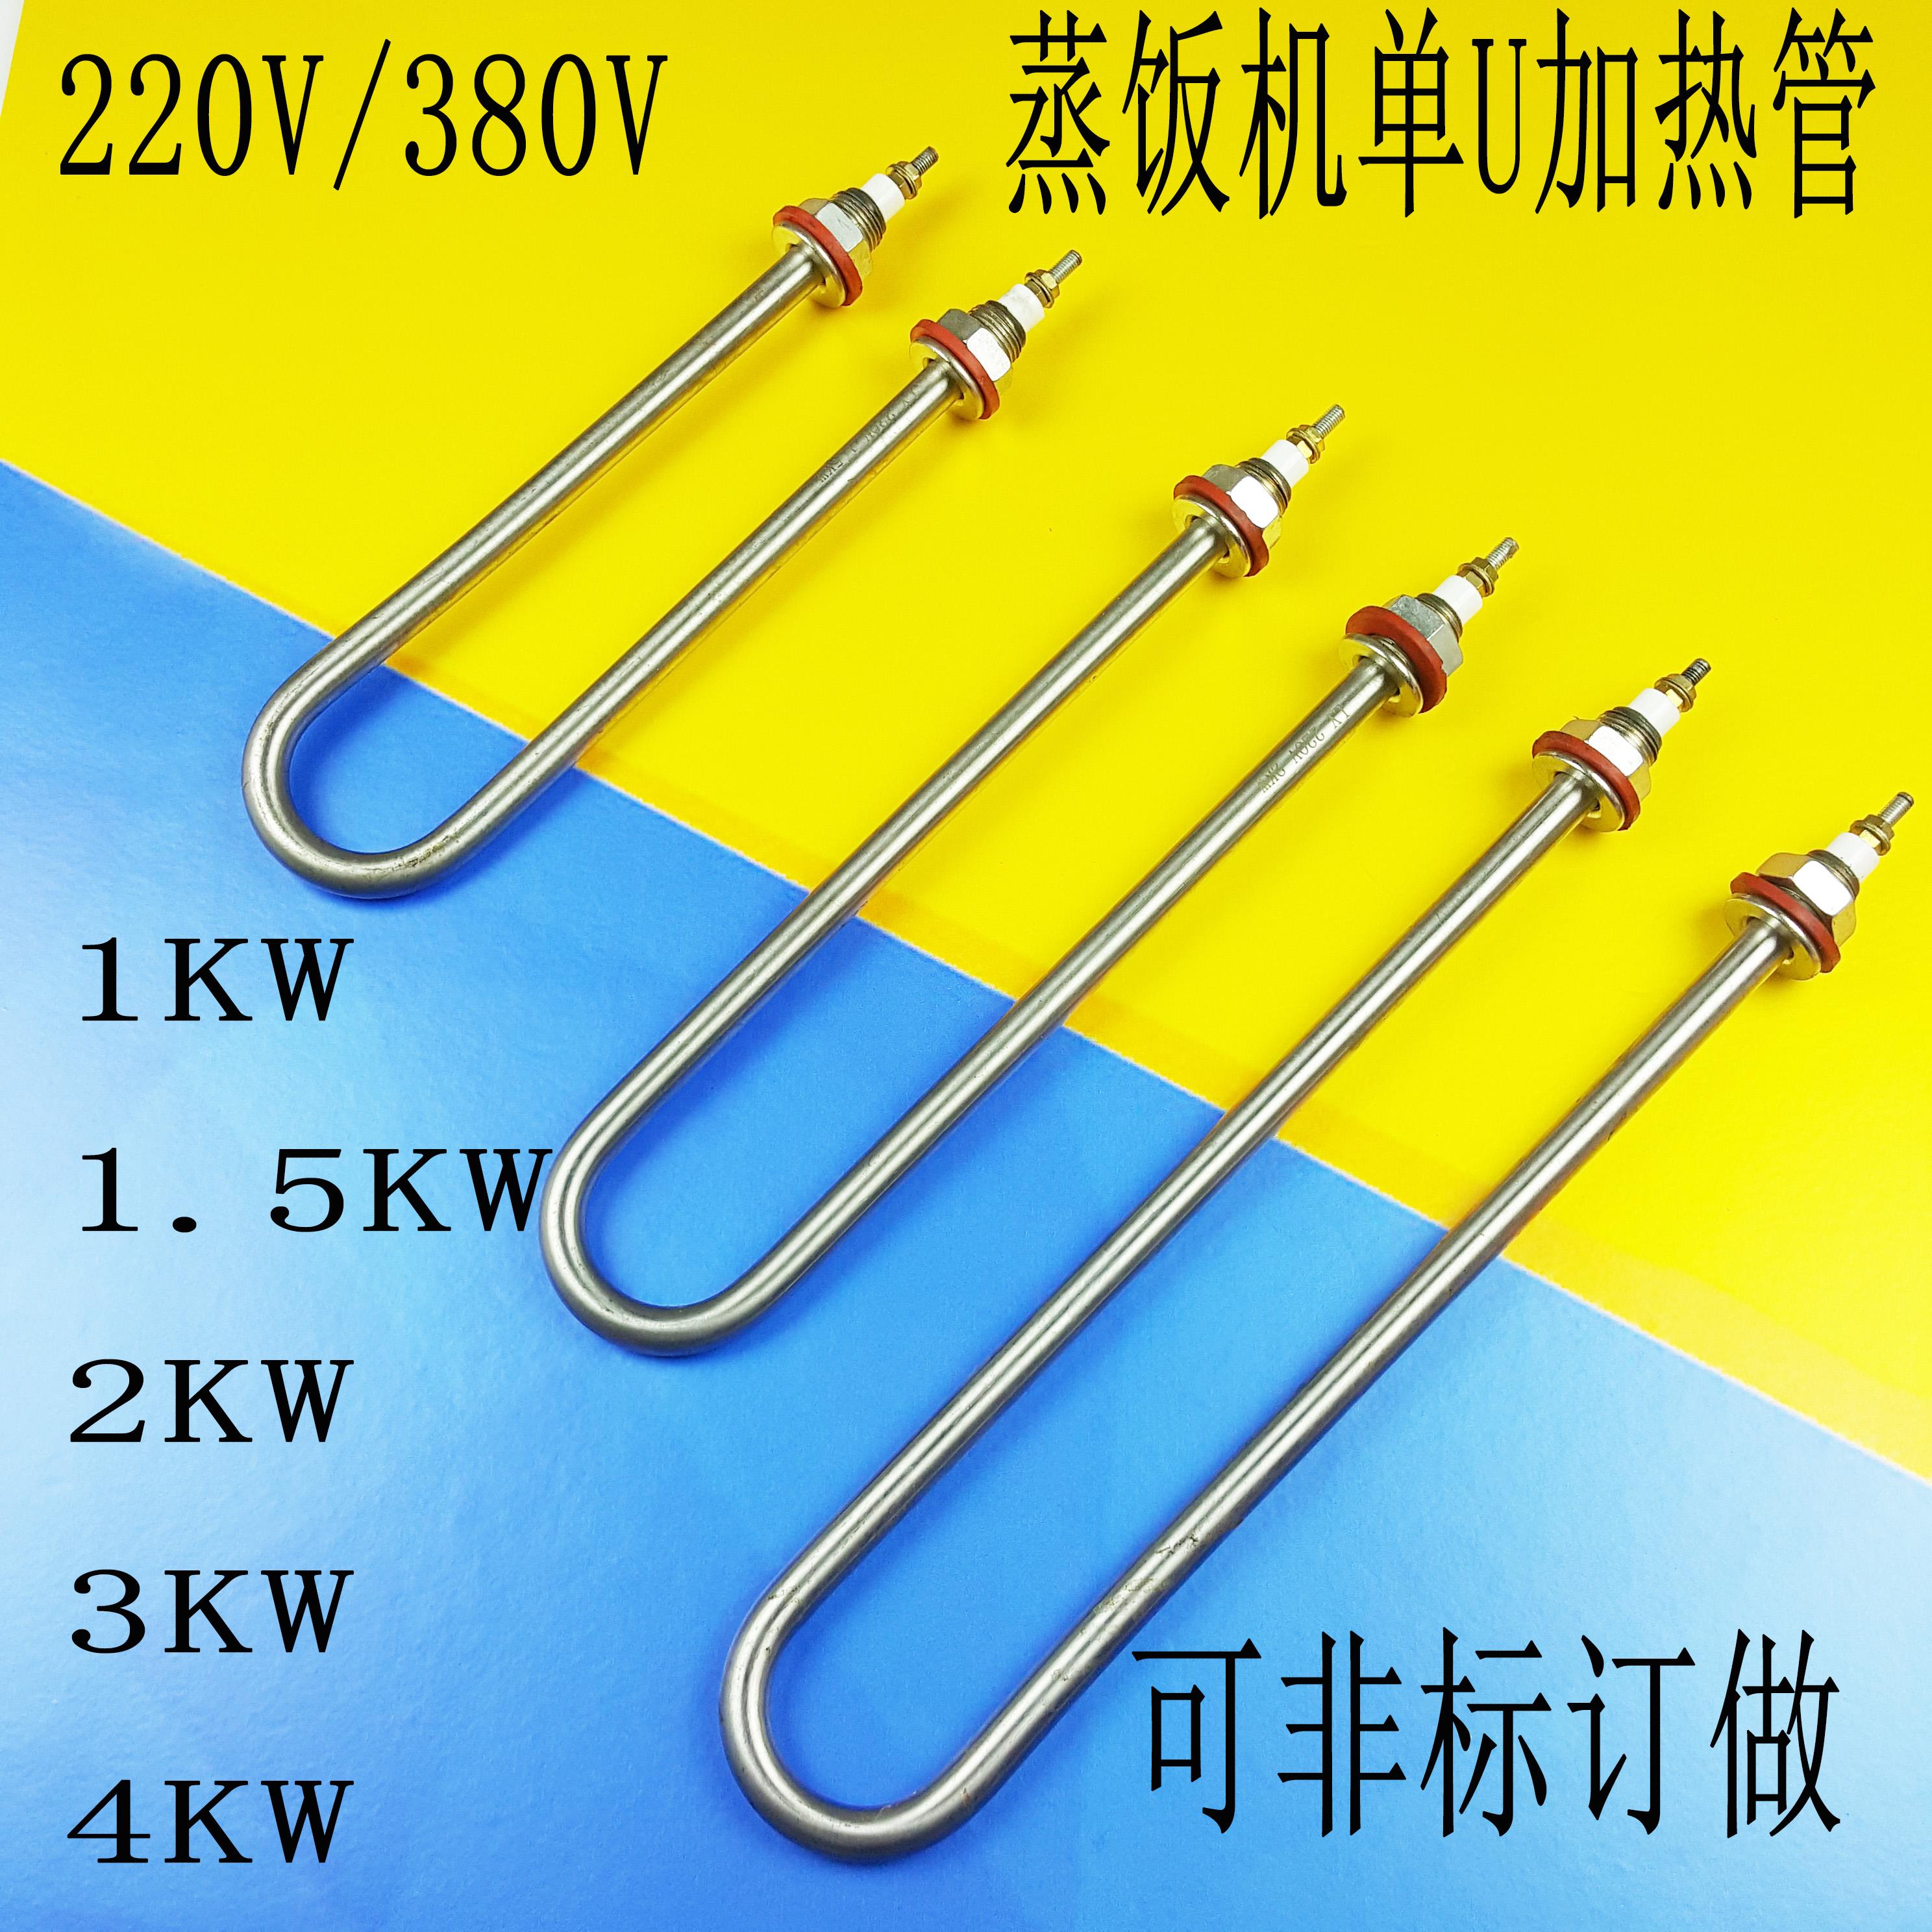 Solo u tubo de acero inoxidable de calefacción de agua de tuberías de calefacción y la máquina de vapor de calefacción 220V / 1.5KW34KW